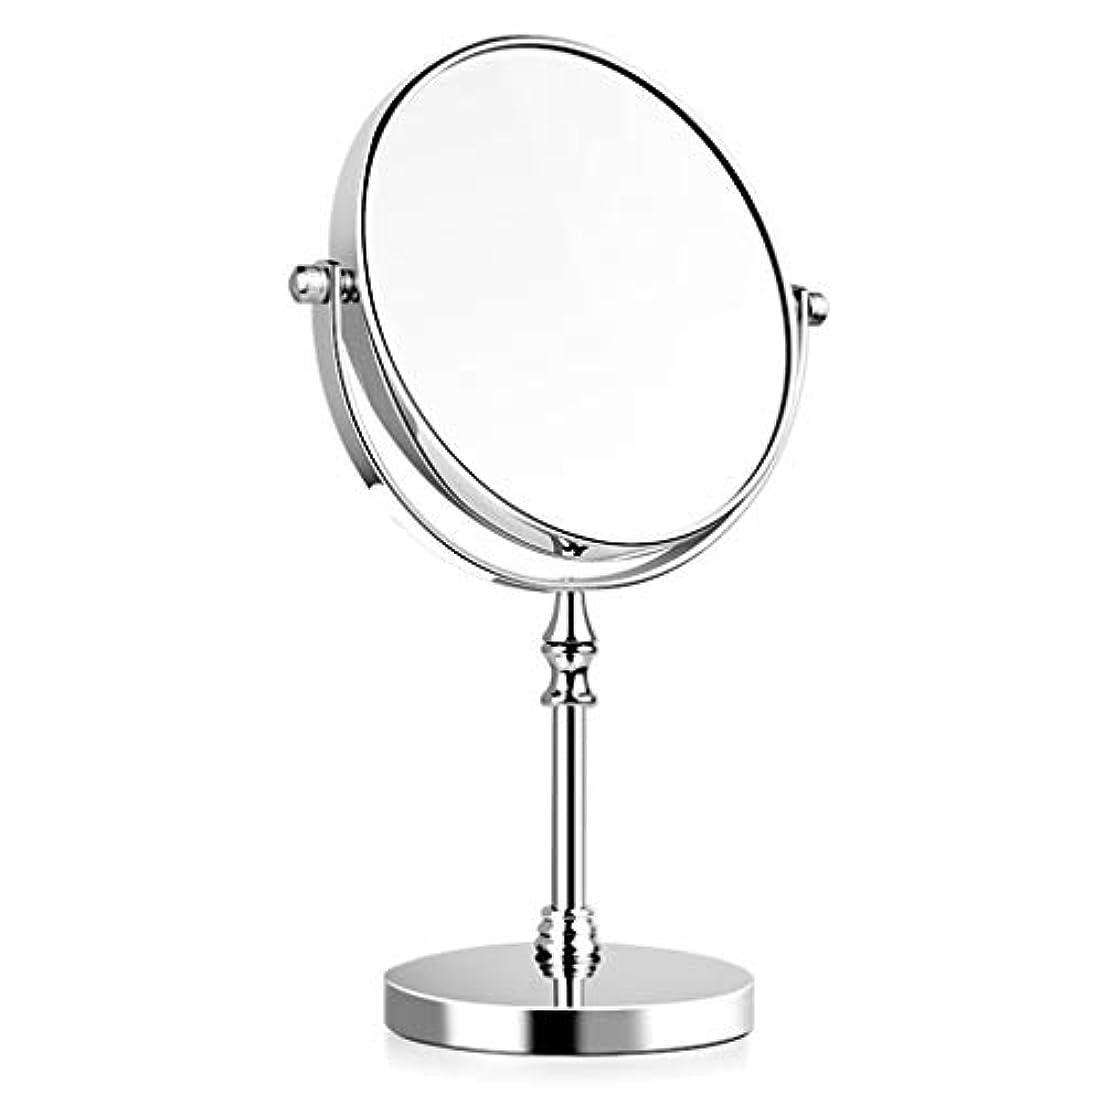 賞賛する信仰呼ぶ.化粧鏡 化粧鏡大型HD両面デスクトップ化粧鏡化粧鏡3倍倍率360°回転 ED化粧鏡1倍/ 2倍/ 3倍/ 5倍/ 10倍拡大鏡ポ